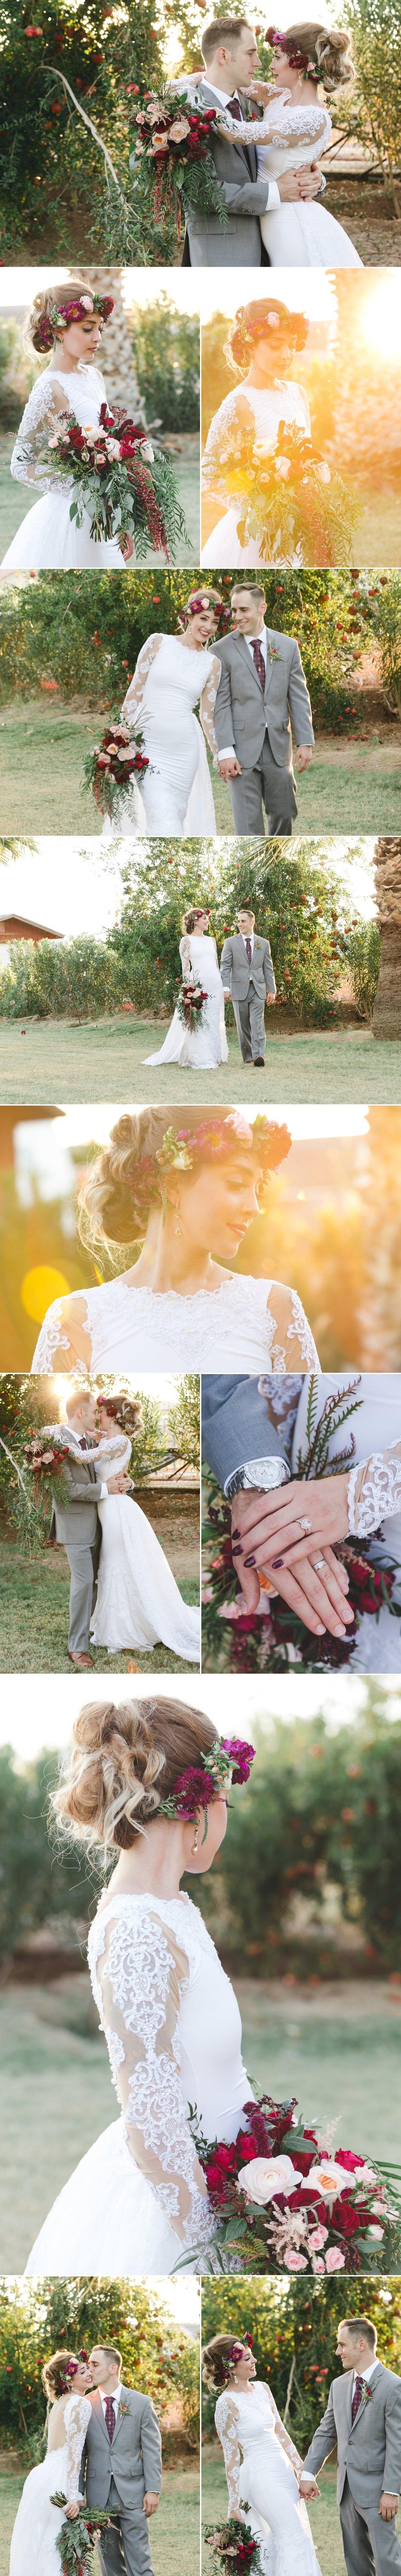 SAW WEDDING 8.jpg